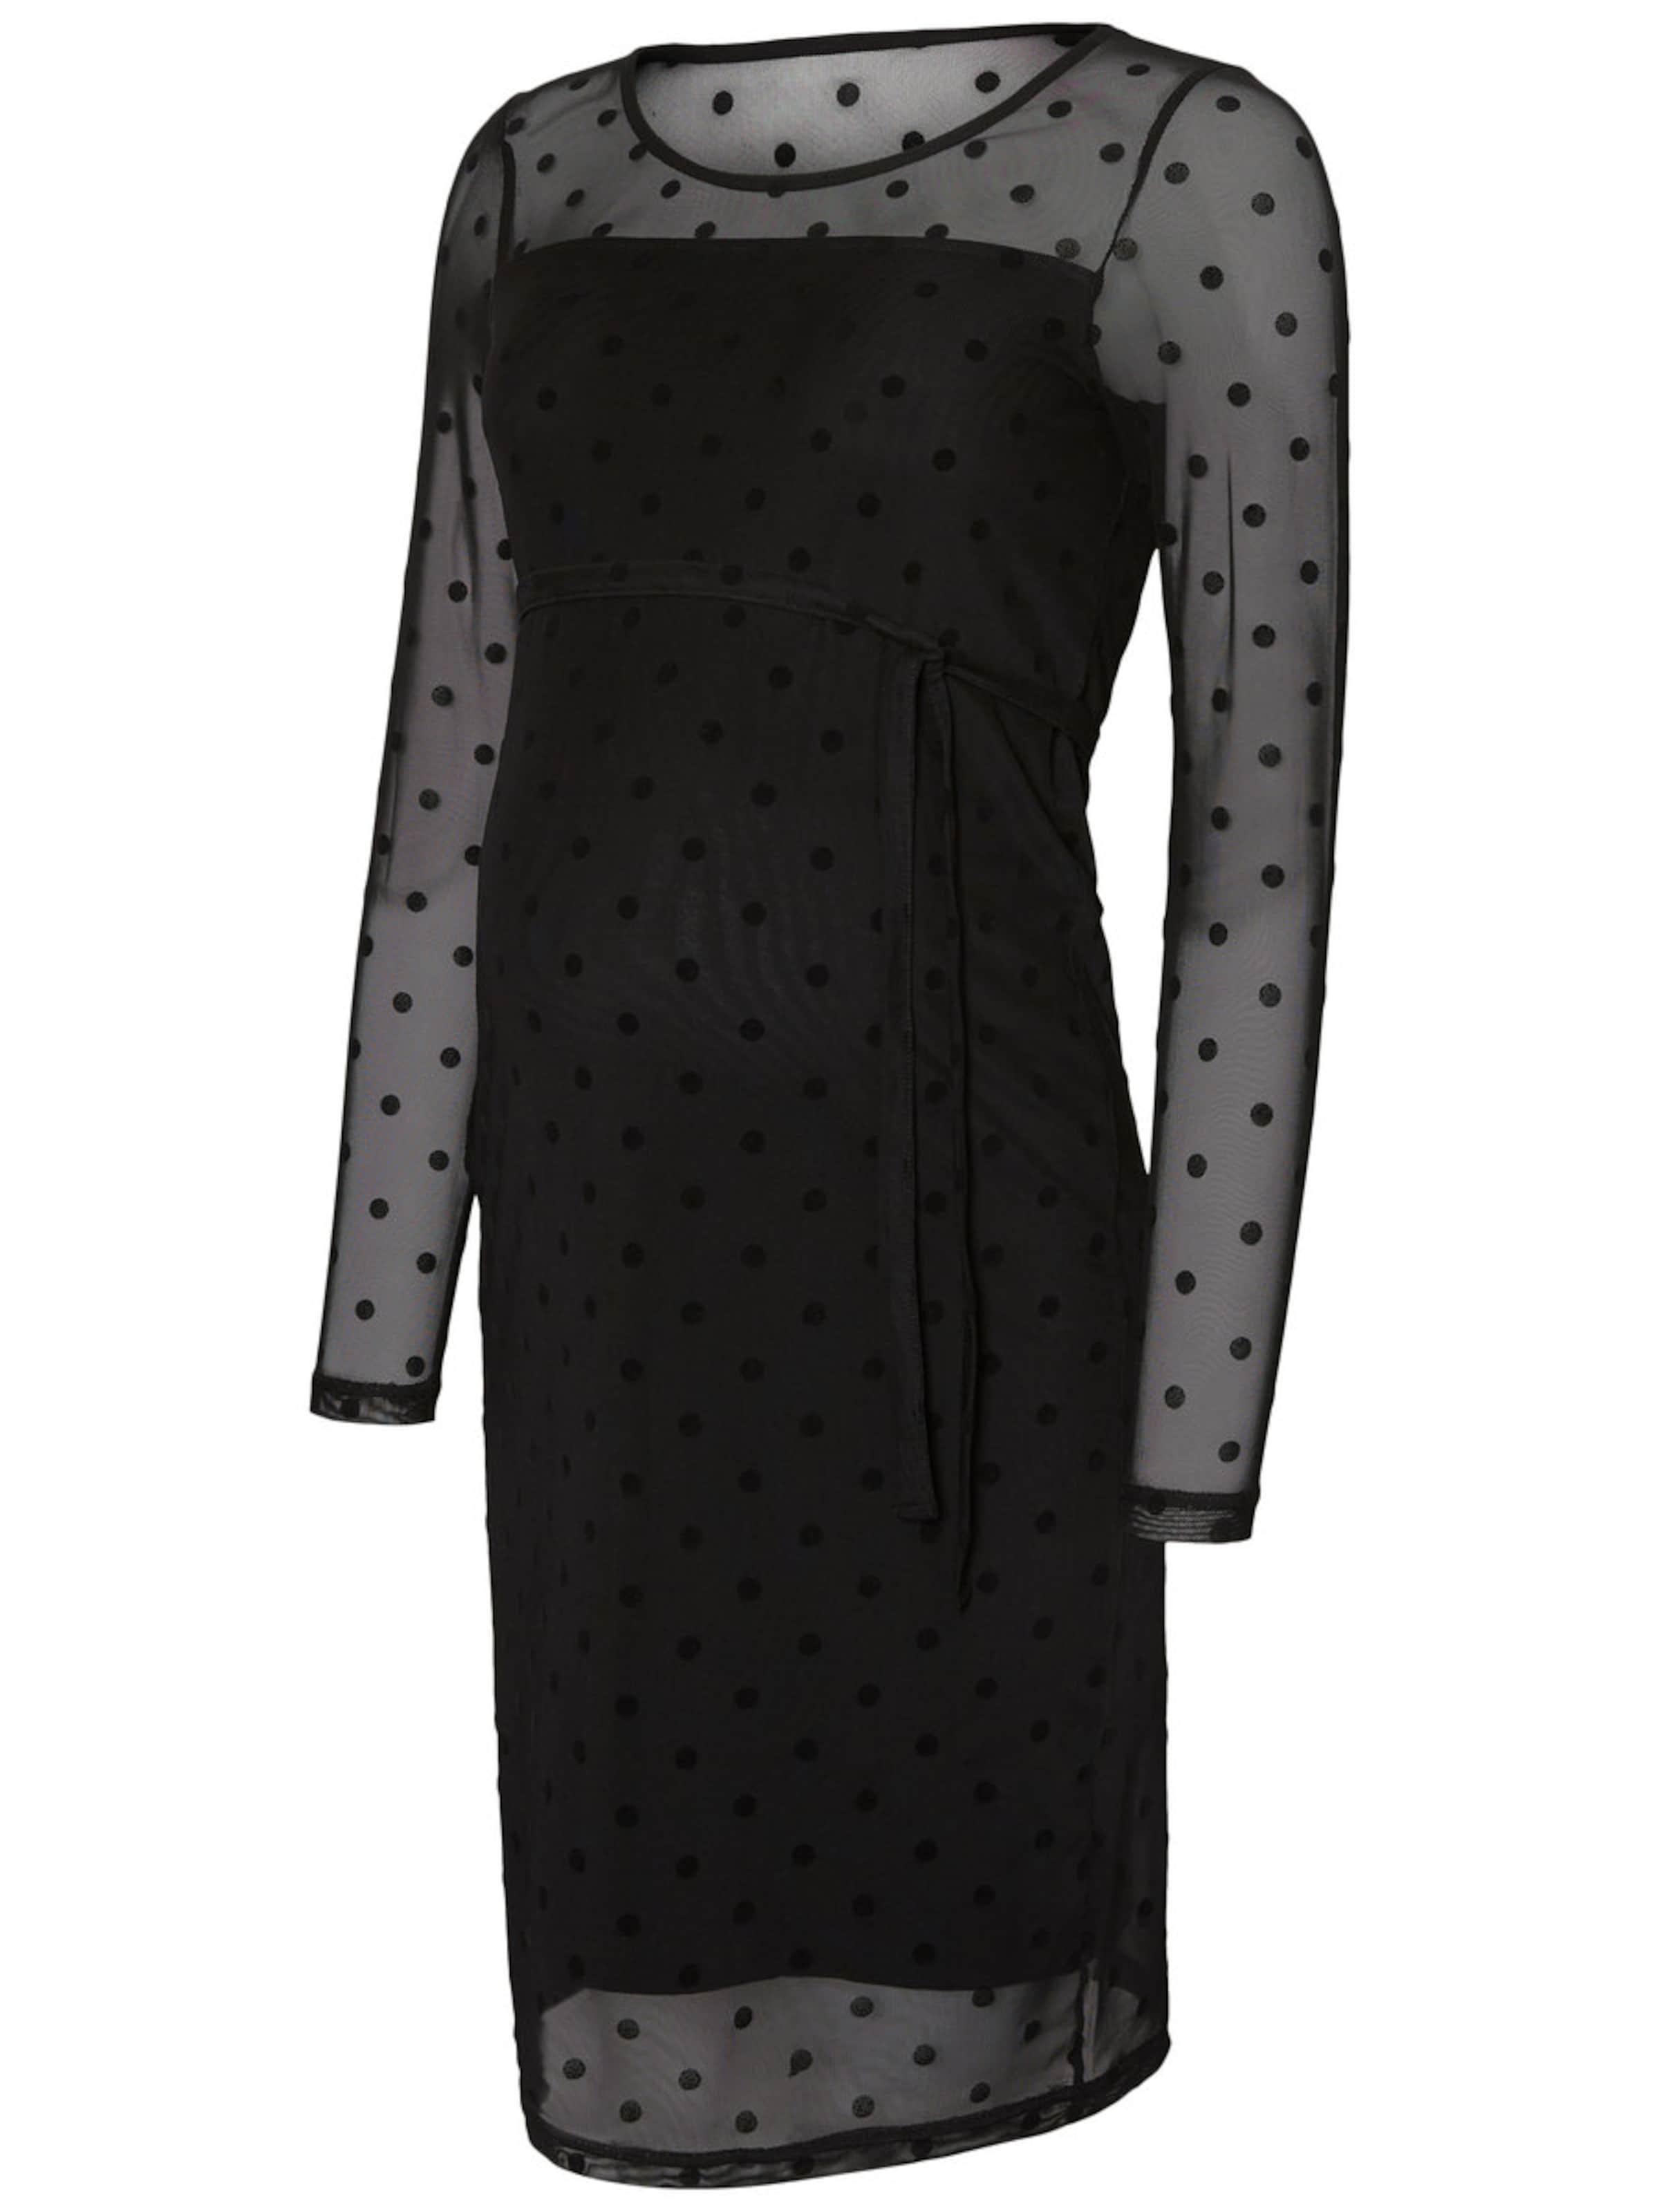 En Noir En Mamalicious Mamalicious Robe En En Mamalicious Robe Robe Noir Robe Noir Mamalicious eDI2EWYH9